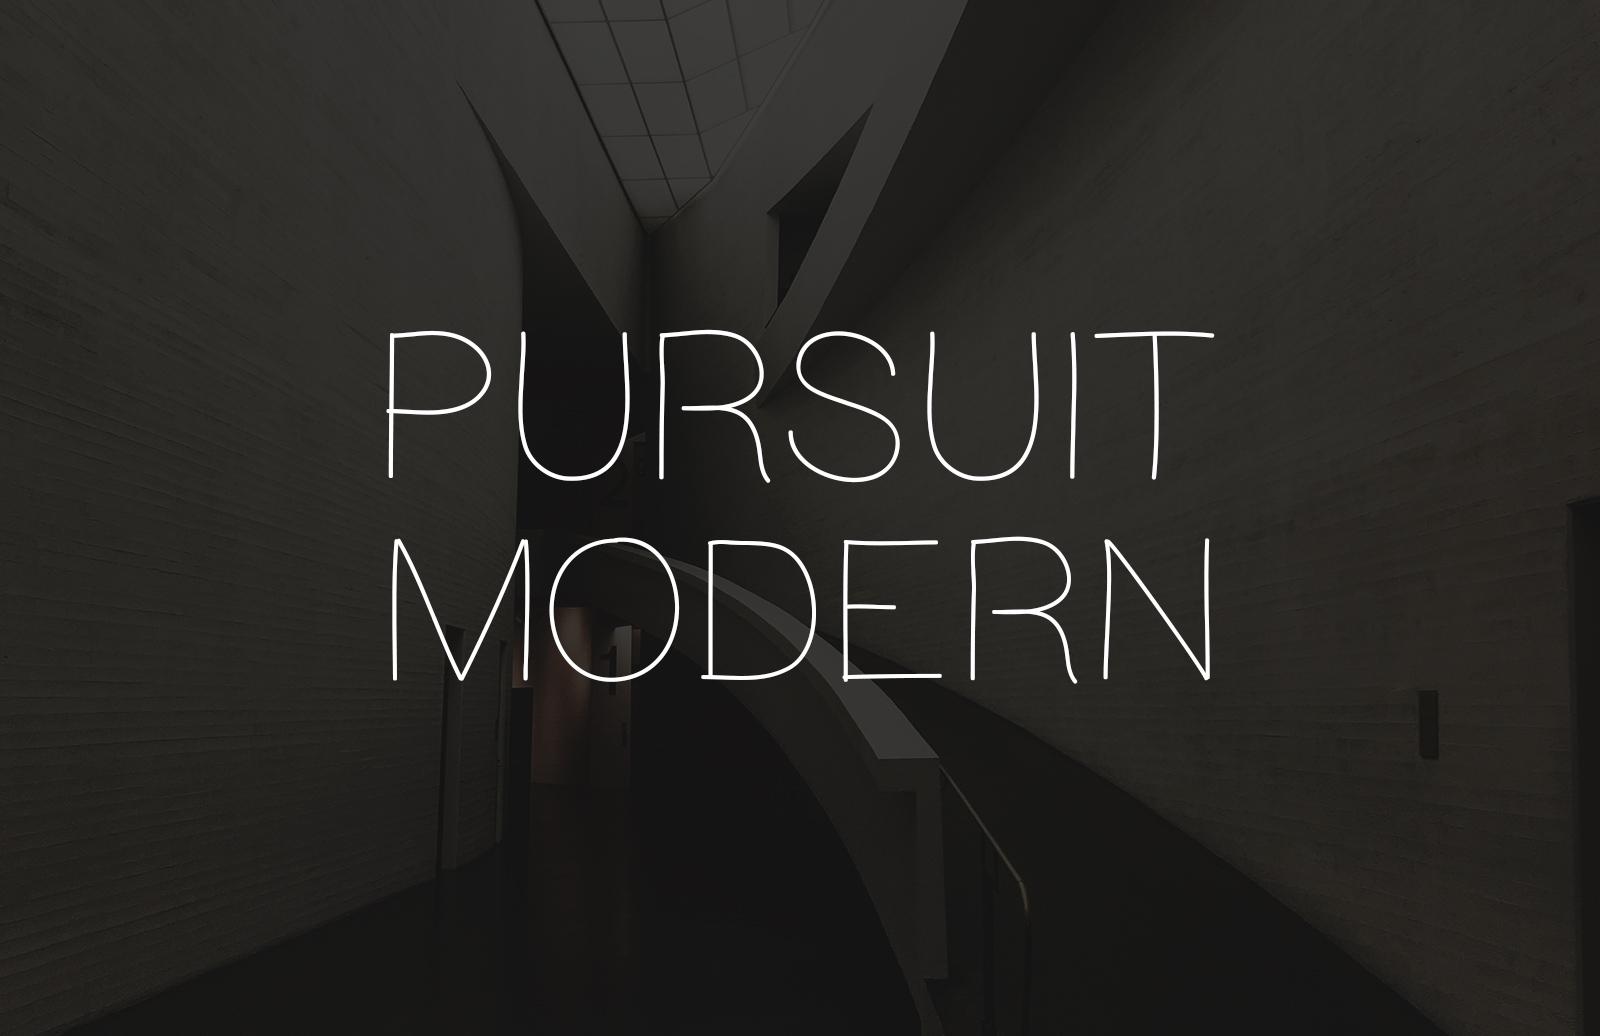 Pursuit Modern - Light Hand Drawn Font 1